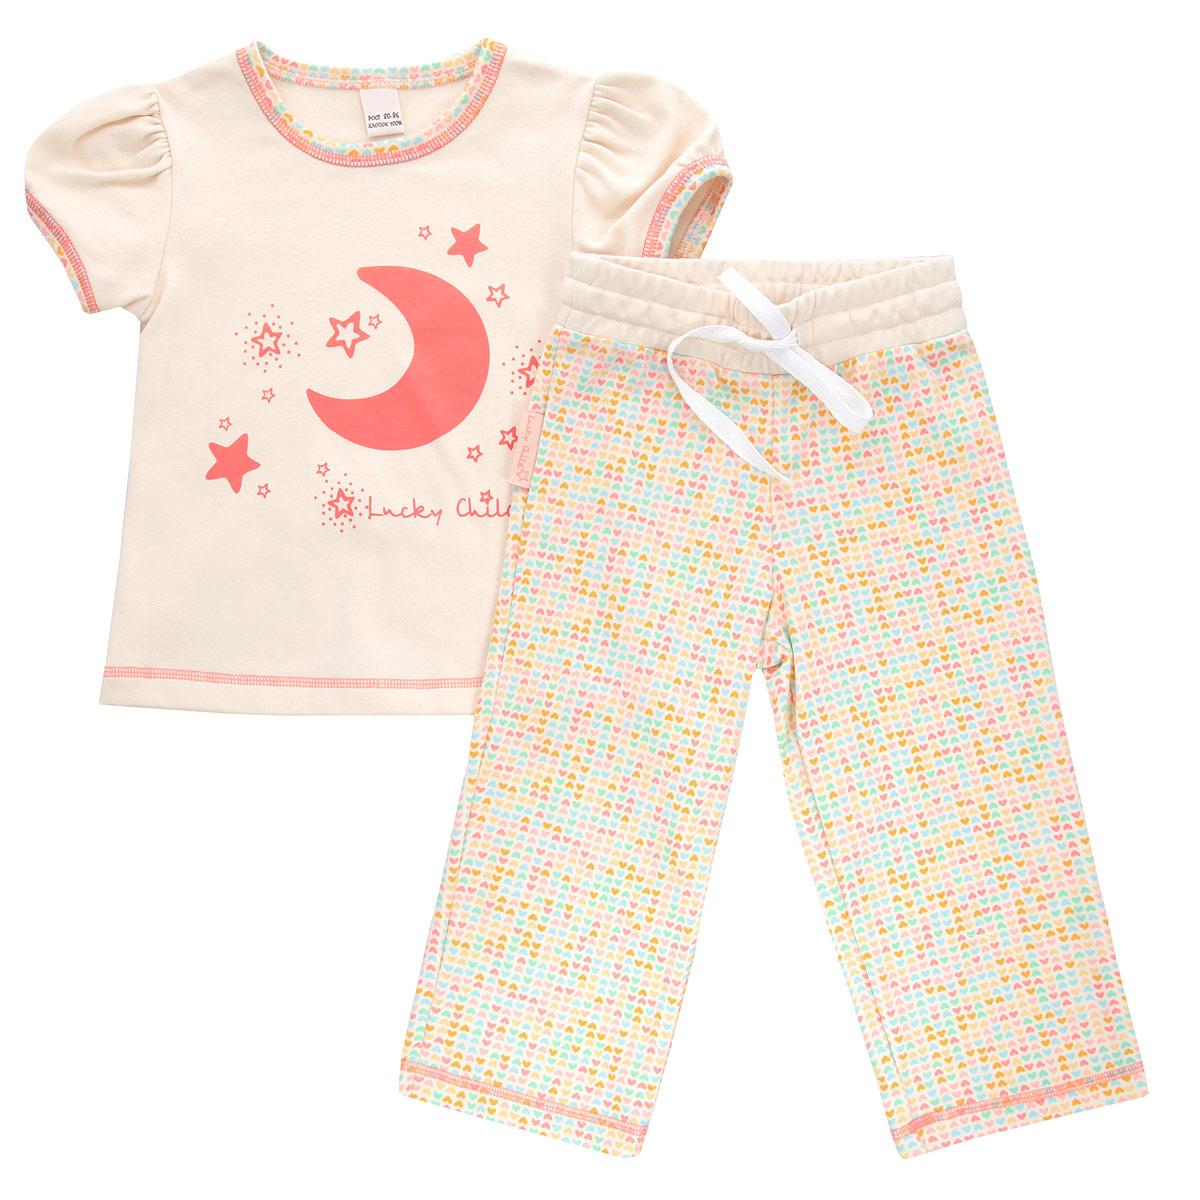 Пижама для девочки Lucky Child, цвет: кремовый, желтый, оранжевый. 12-402. Размер 86/92